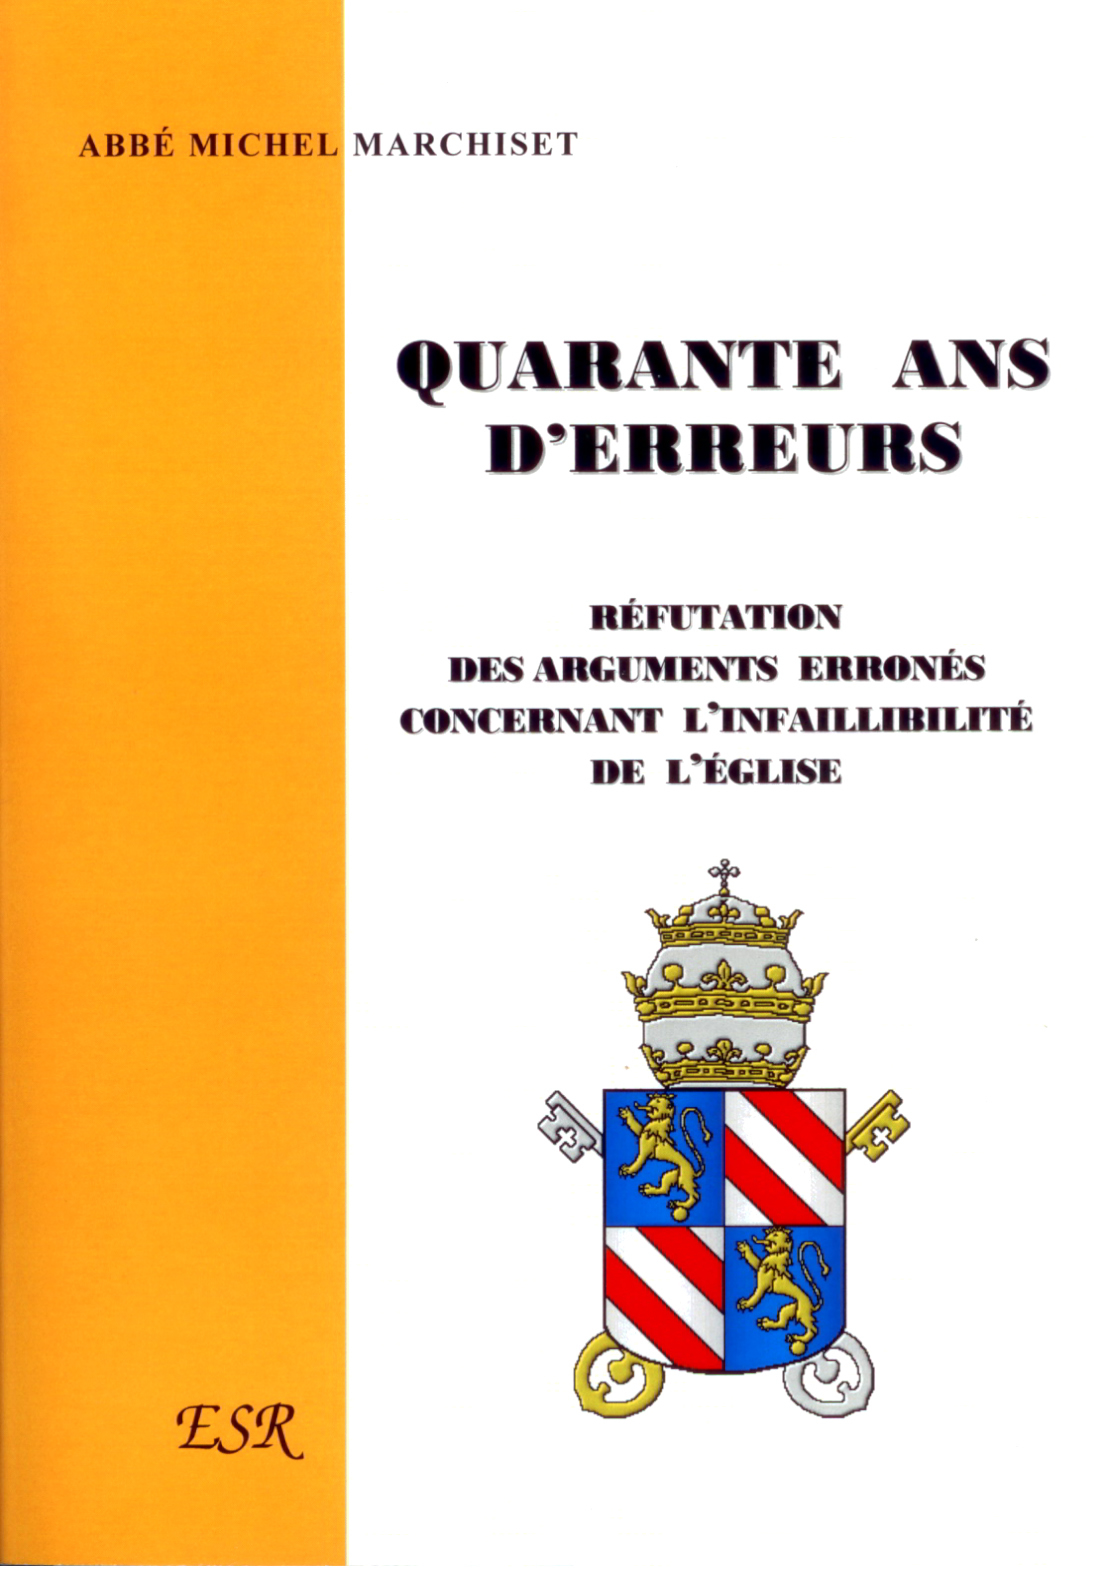 QUARANTE ANS D'ERREUR